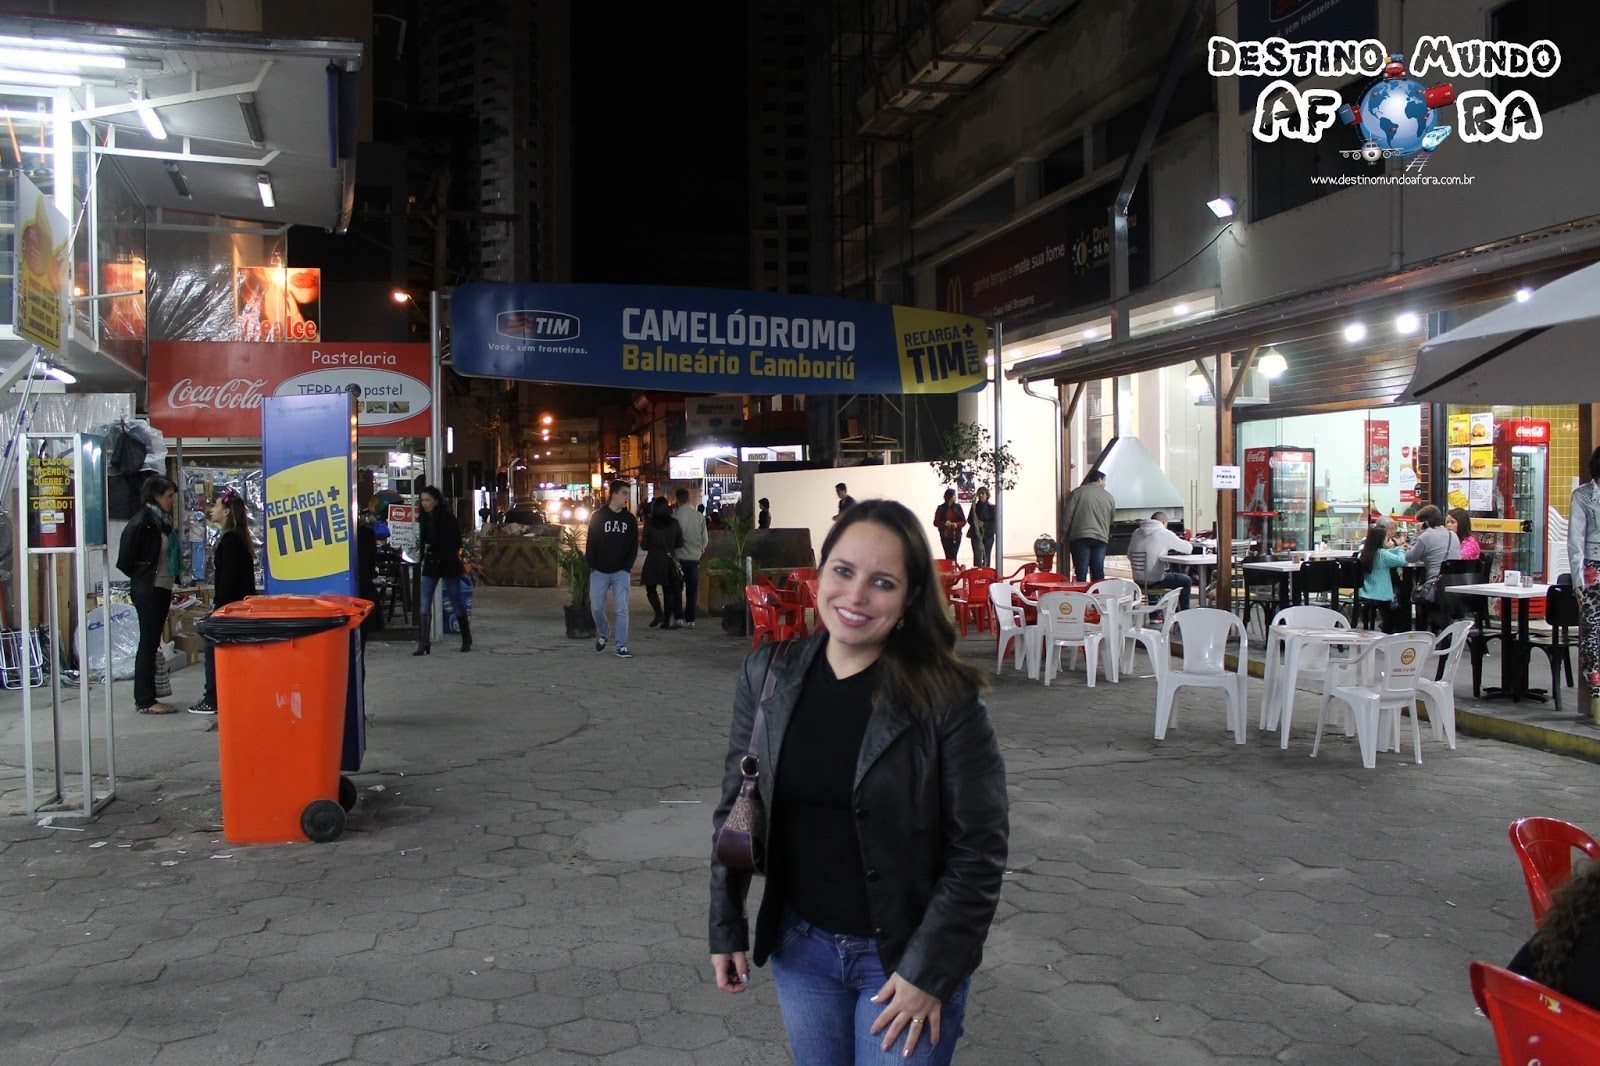 2d9627798 Localizado próximo à rua 1.500, bem no centro, o Camelódromo tem cerca de  300 lojas, é bem organizado, limpo, com banheiros e lanchonetes.